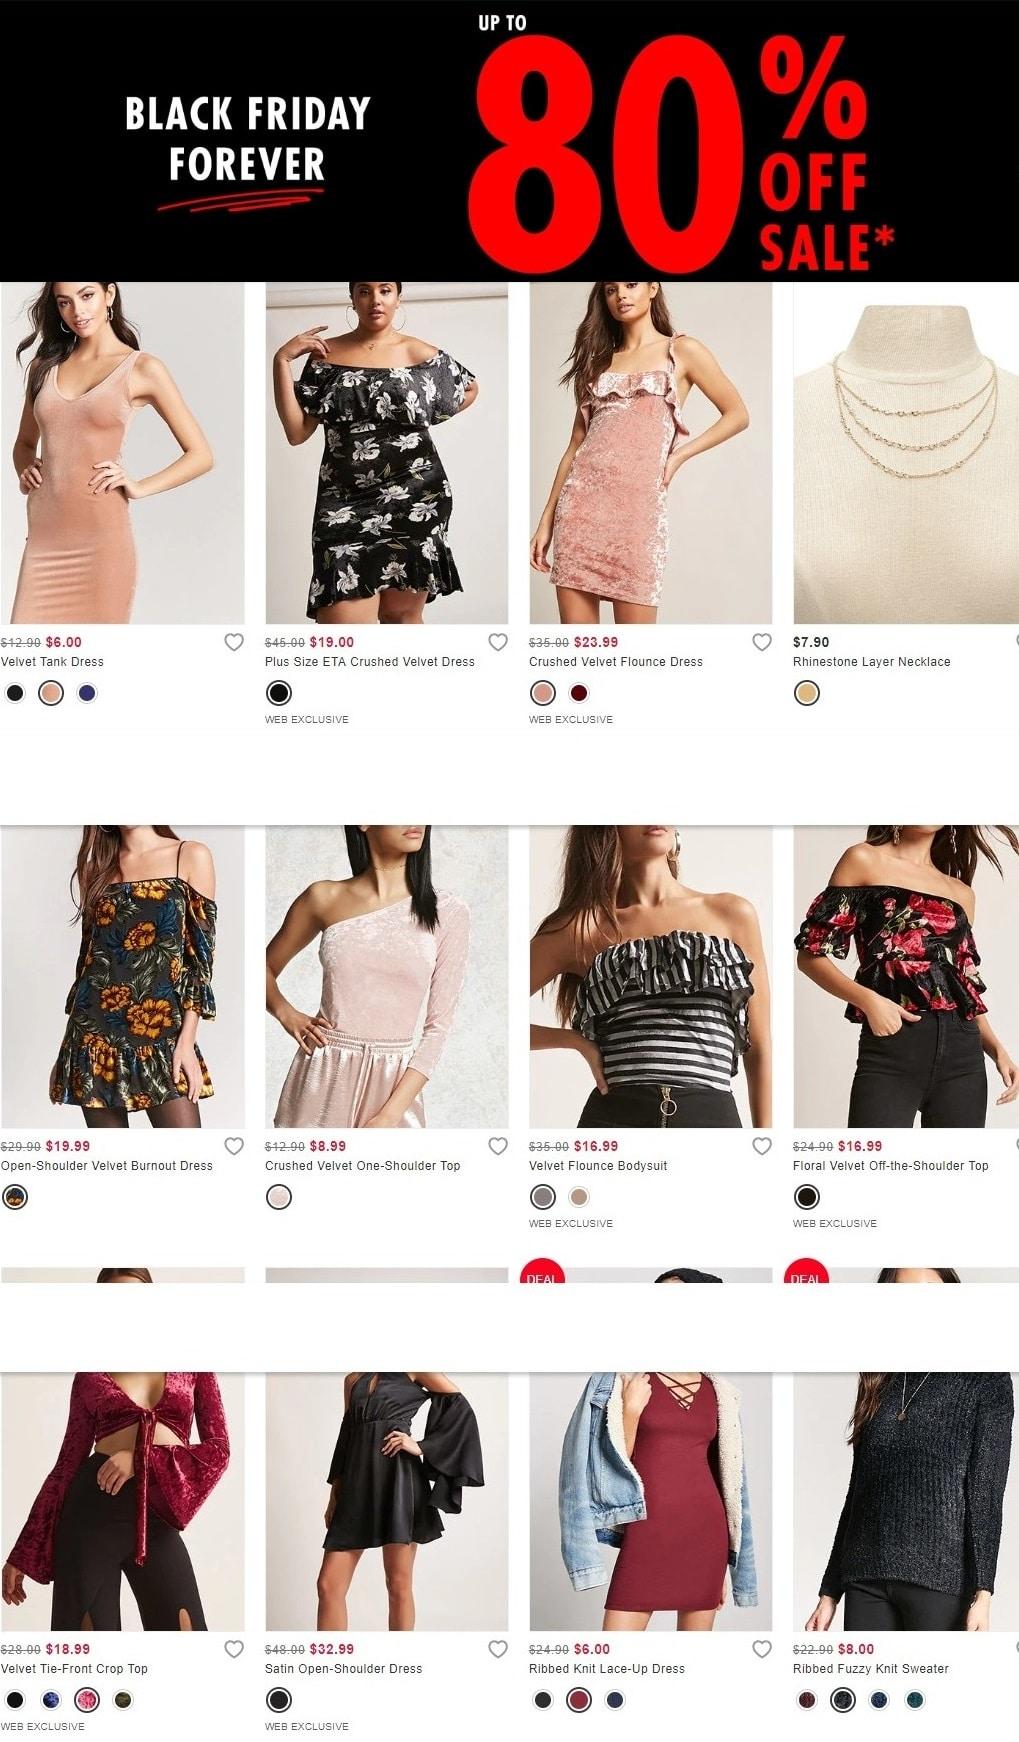 e1c02109353 ... Plus Size Metallic Shimmer Dress. Forever 21